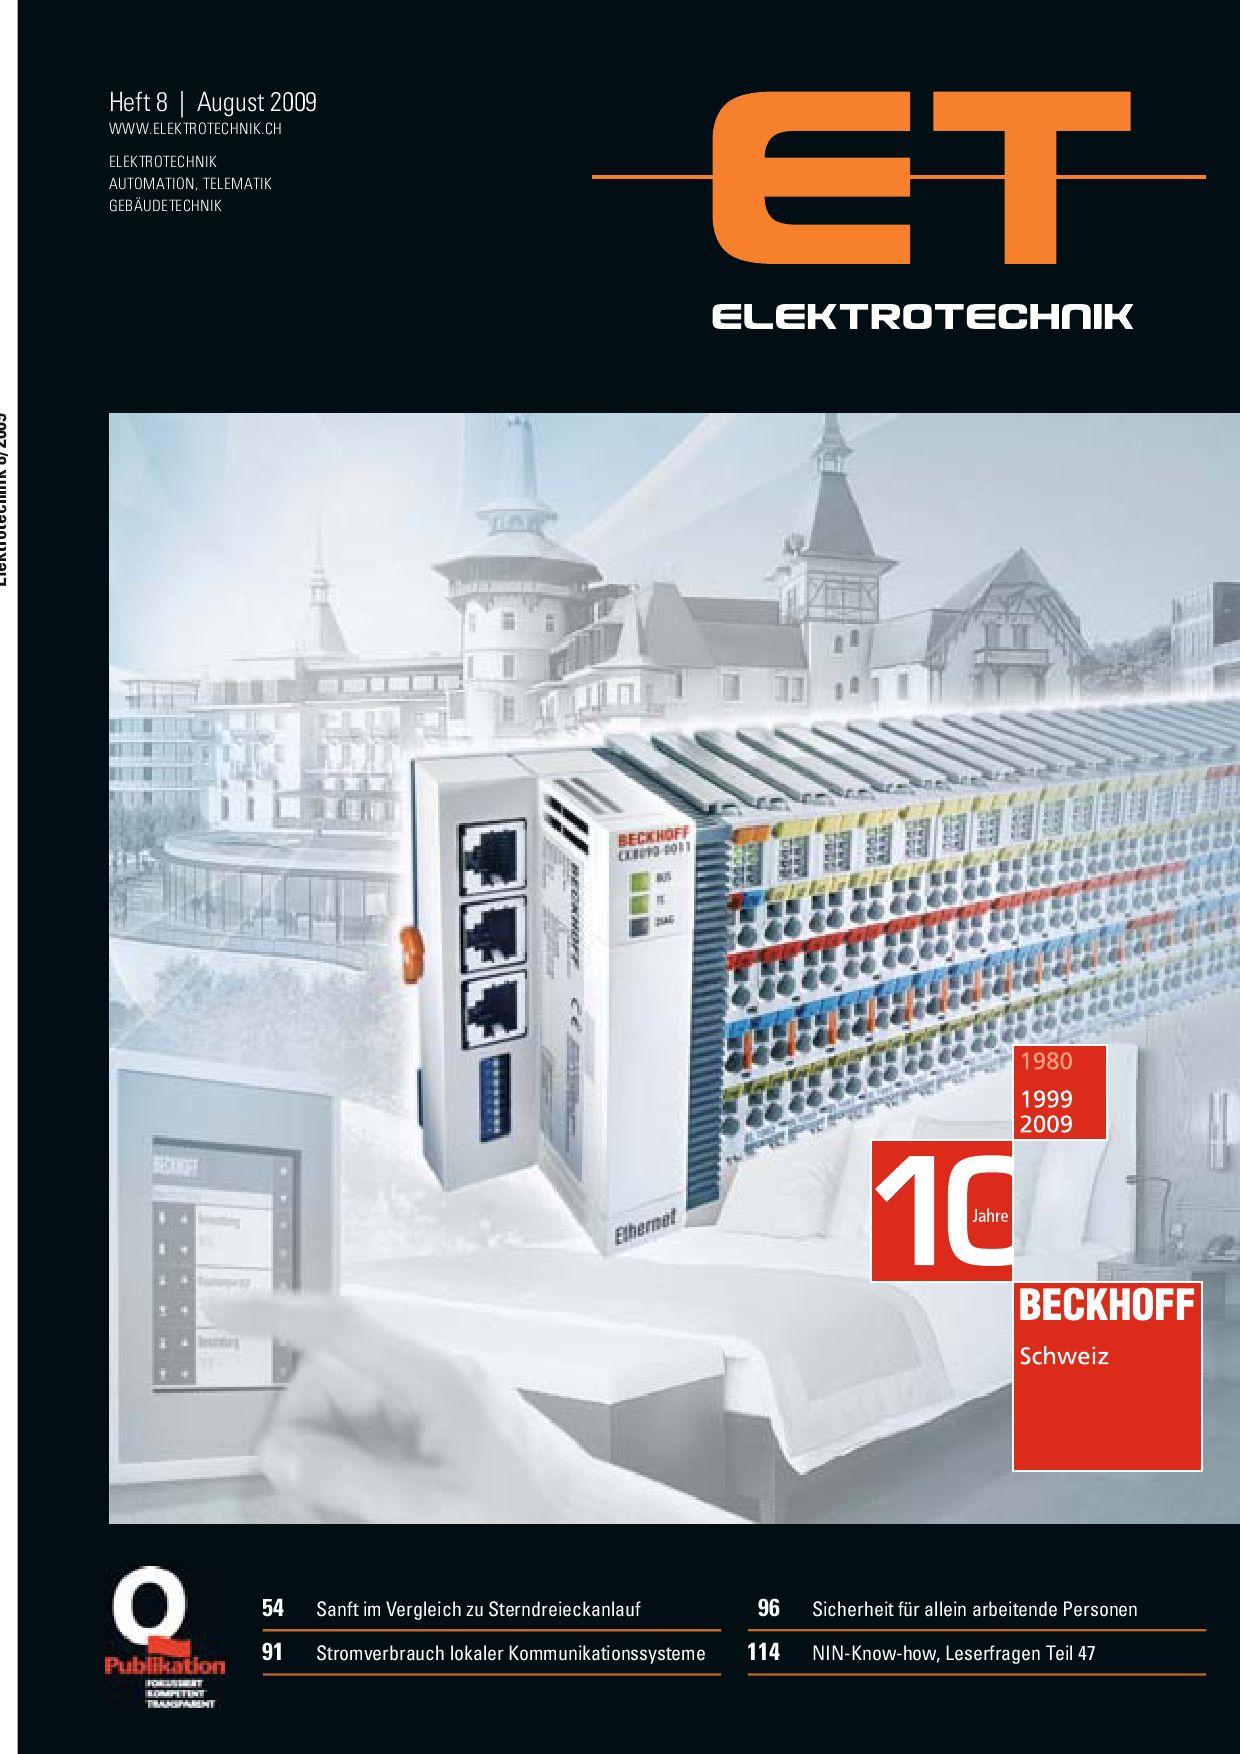 page_1 Spannende Elektronisches Vorschaltgerät Leuchtstofflampe Schaltplan Dekorationen